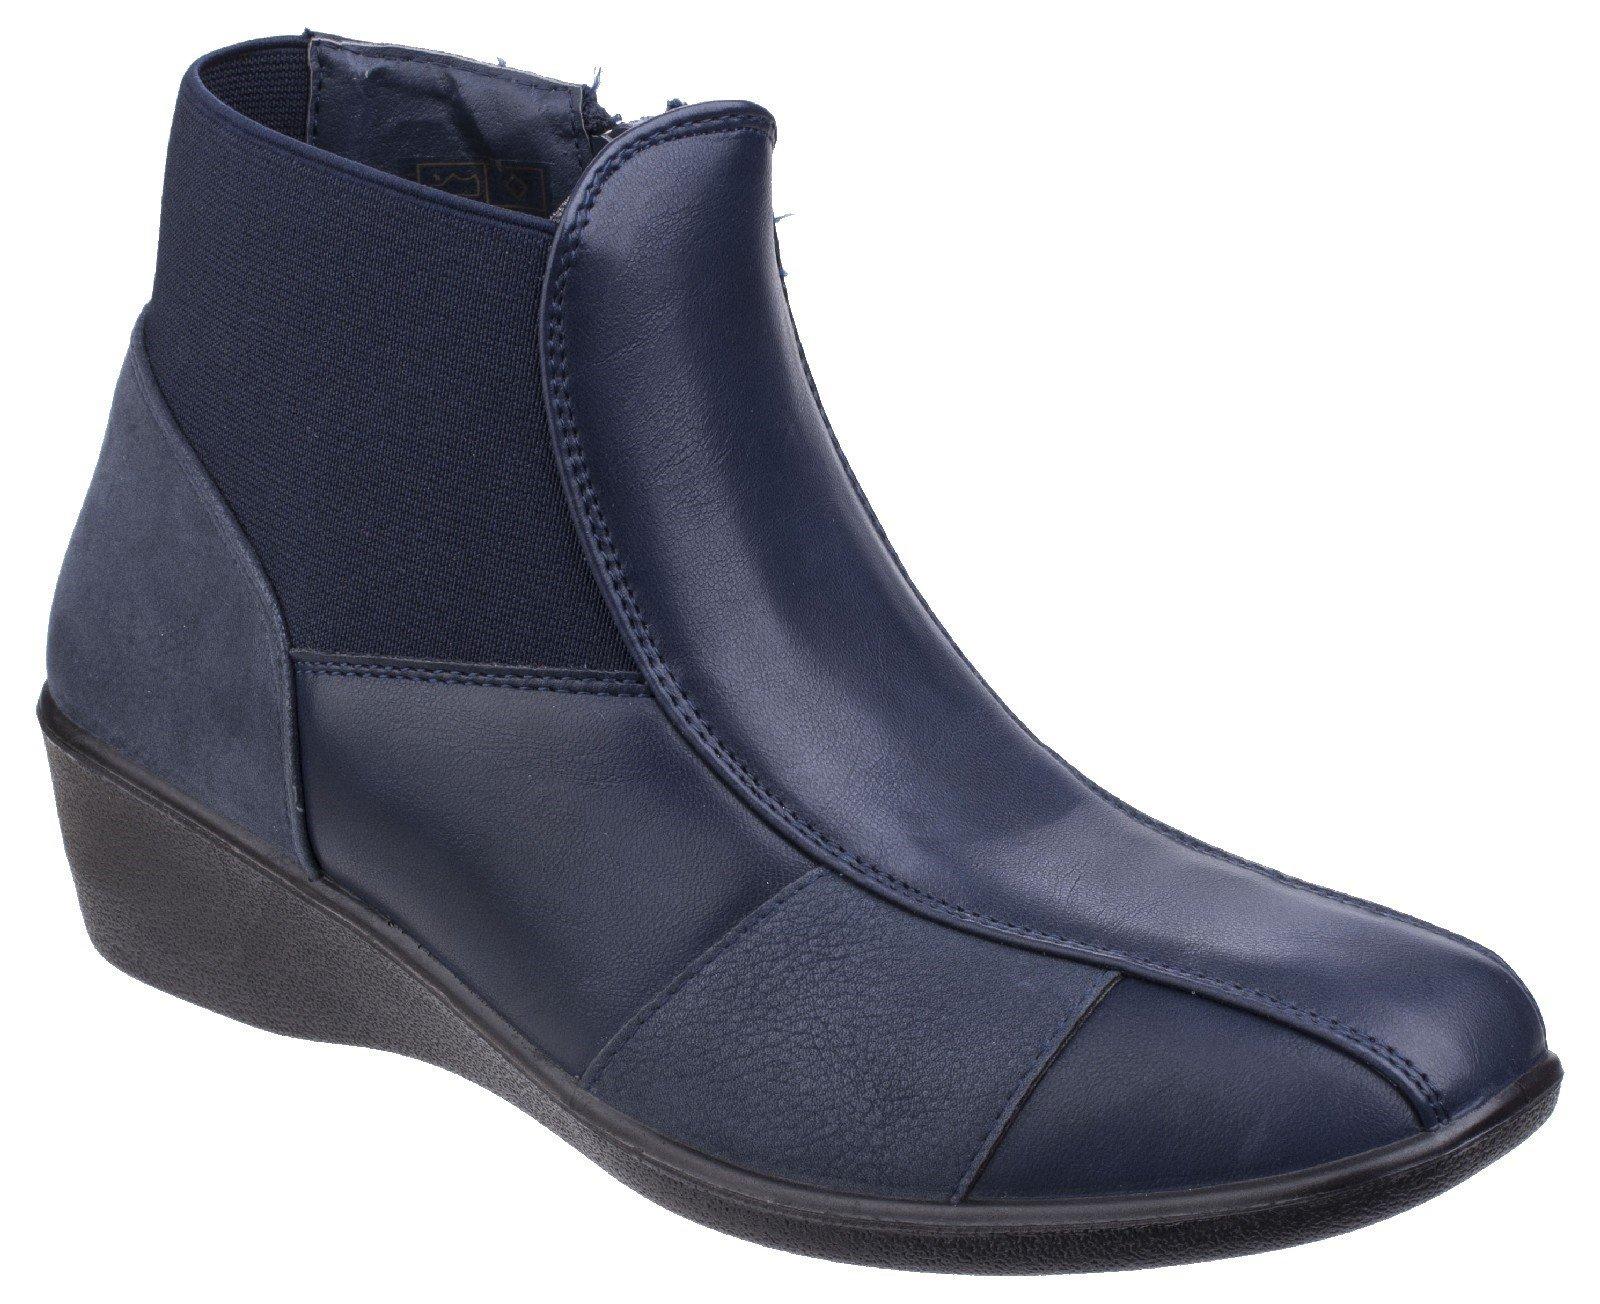 Fleet & Foster Women's Festa Ankle Boot Black 25560-42532 - Navy 7